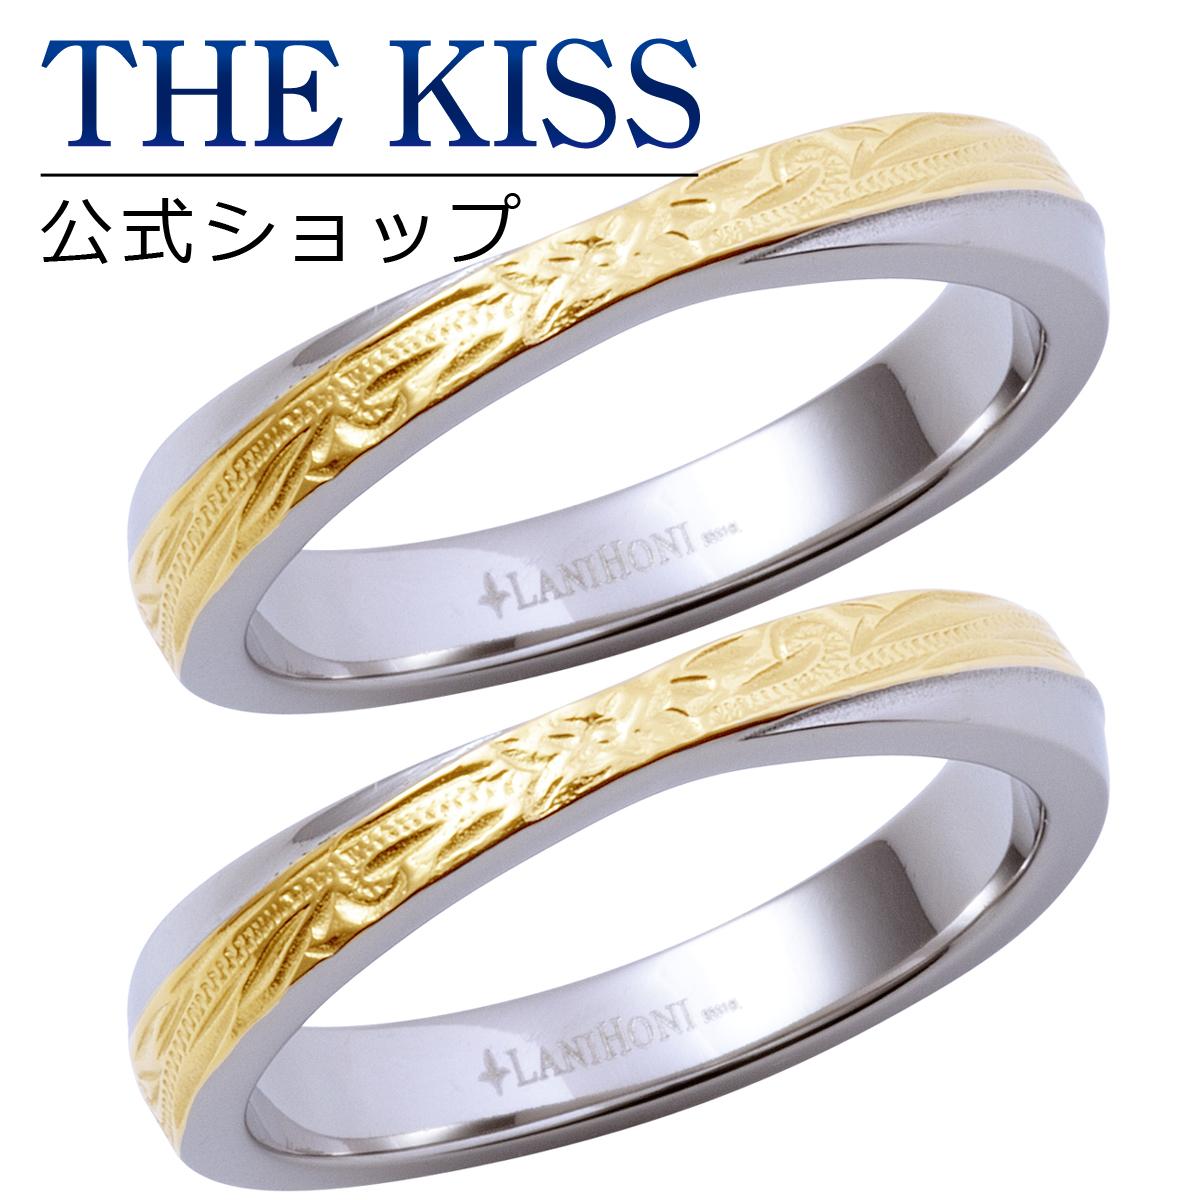 【刻印可_10文字】【あす楽対応】THE KISS 公式サイト ステンレス ハワイアン ペアリング ペアアクセサリー カップル に 人気 の ジュエリーブランド THEKISS ペア リング・指輪 記念日 プレゼント L-R8013-P セット シンプル ザキス 【送料無料】